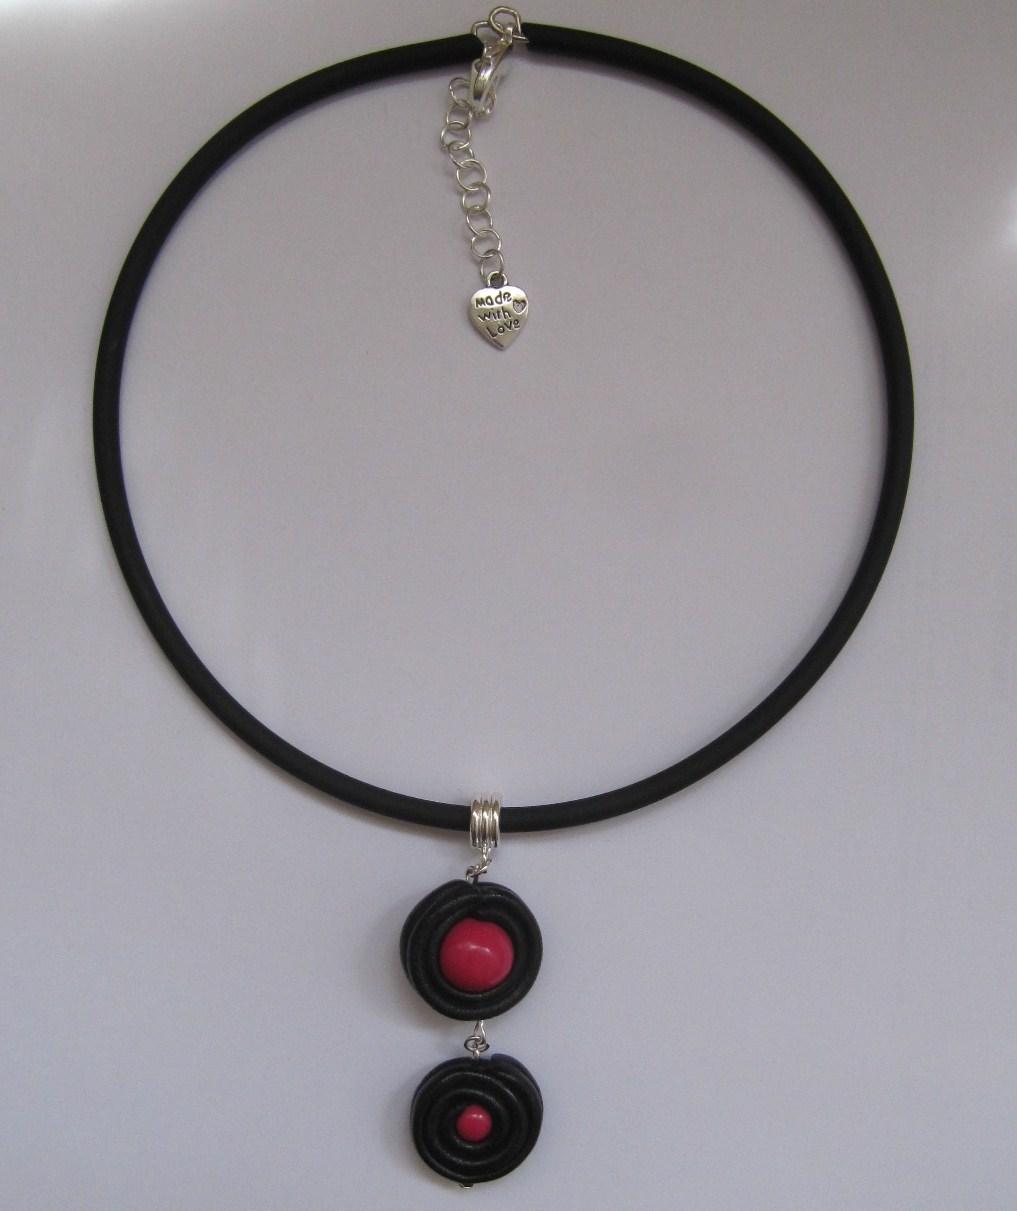 bijoux de cr ation en p te fimo collier rouleau r glisse. Black Bedroom Furniture Sets. Home Design Ideas